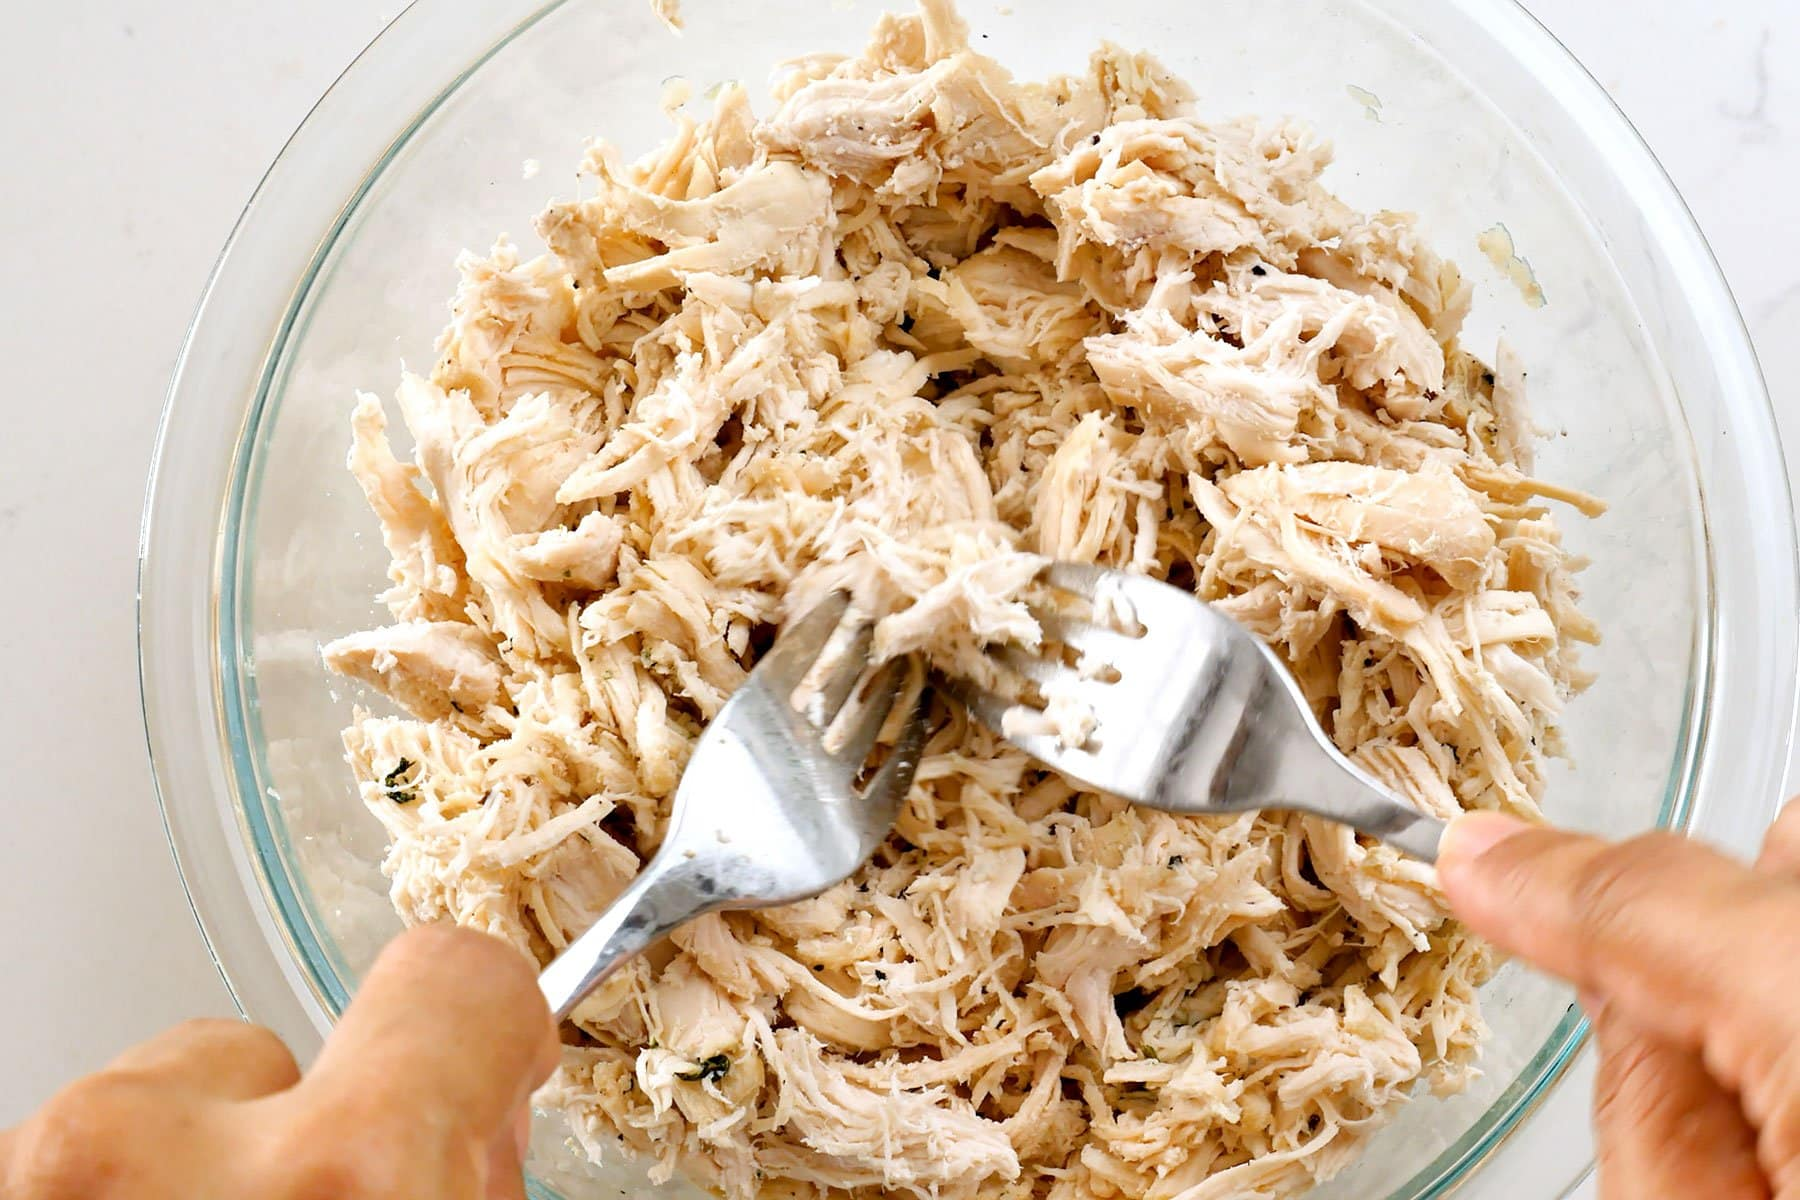 Desmenuzando el pollo con dos tenedores